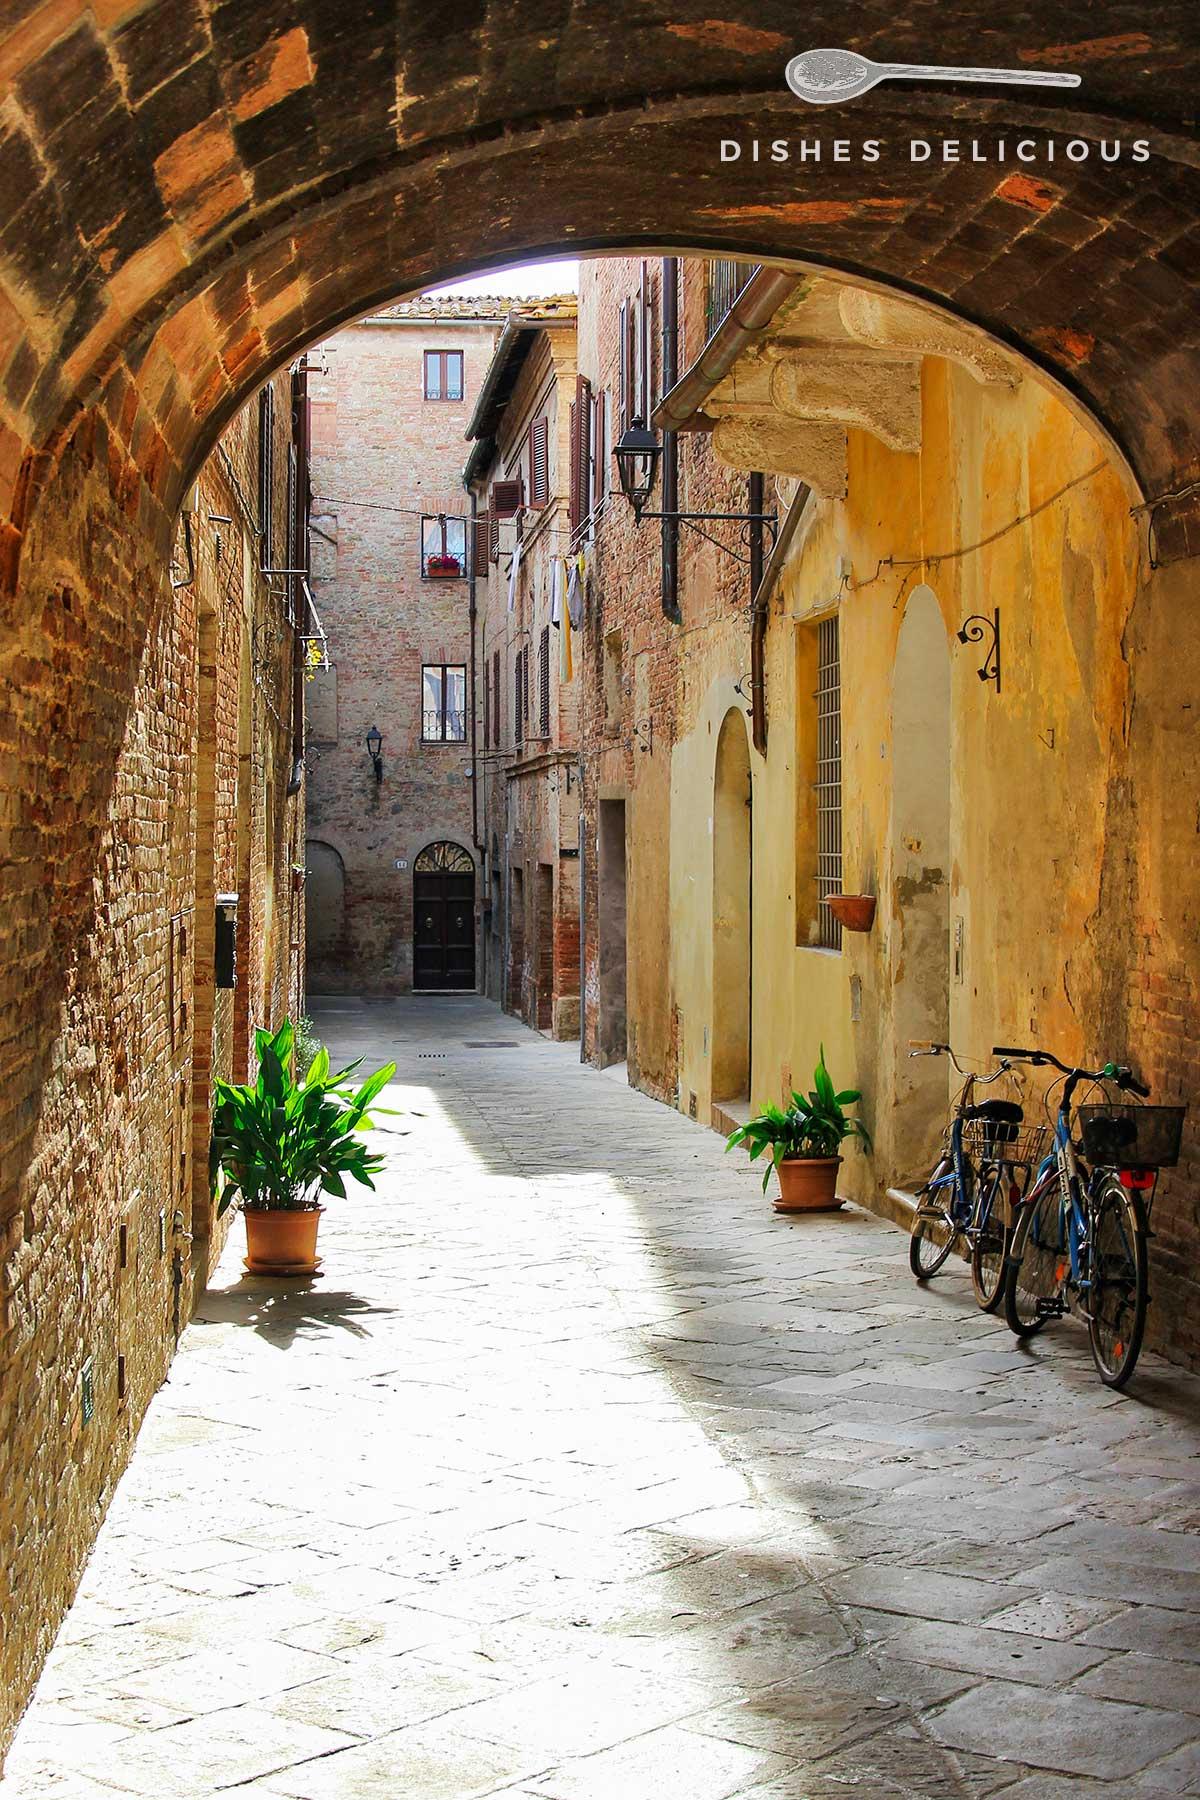 Foto einer Gasse in Buonkonvento, über die sich ein mittelalterlicher Bogen spannt. An der Seite sind zwei Fahrräder abgestellt.